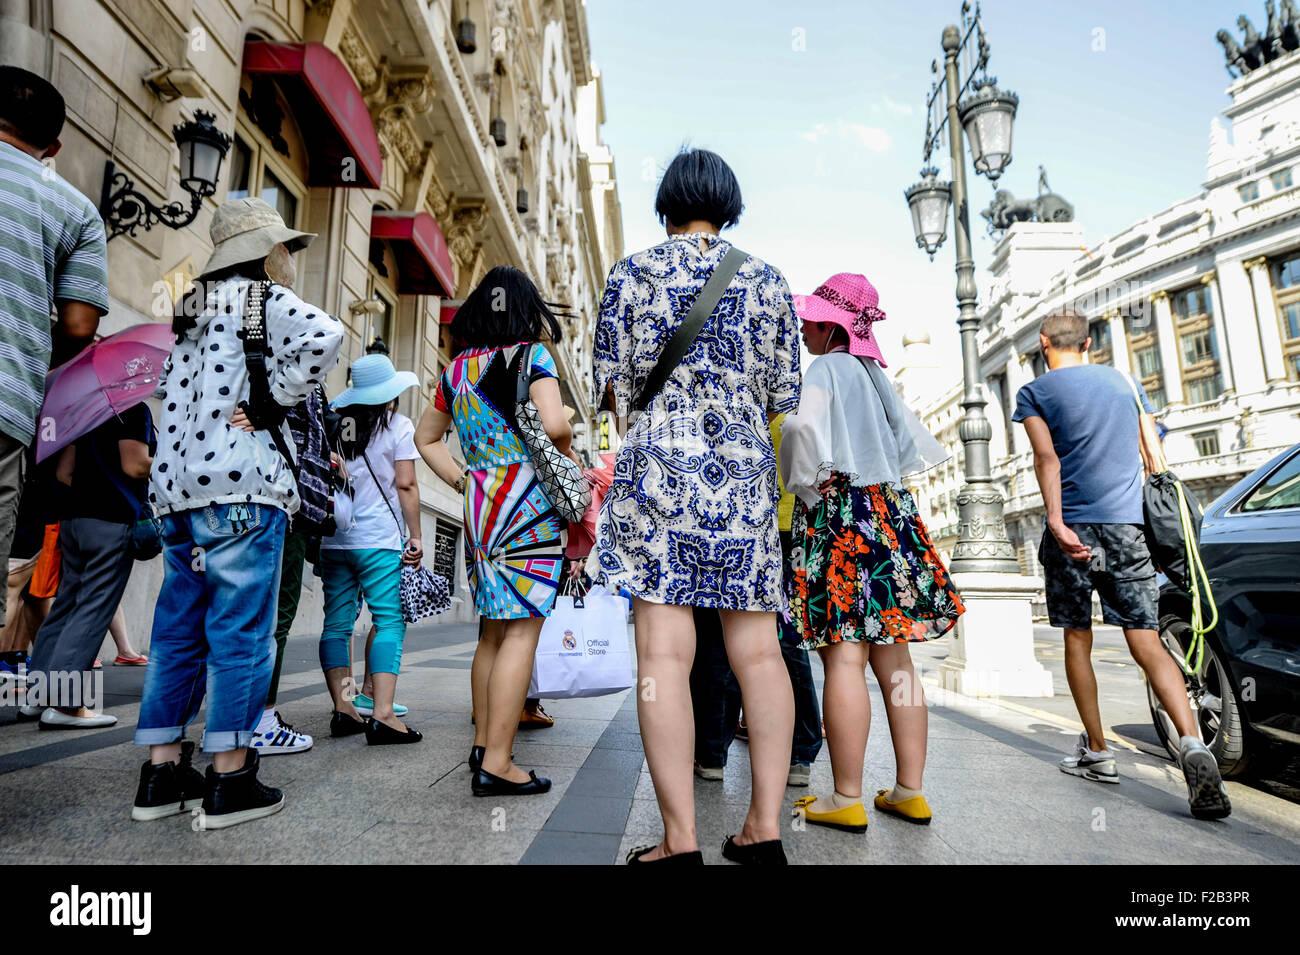 Los turistas en Madrid- Turistas en Madrid Imagen De Stock